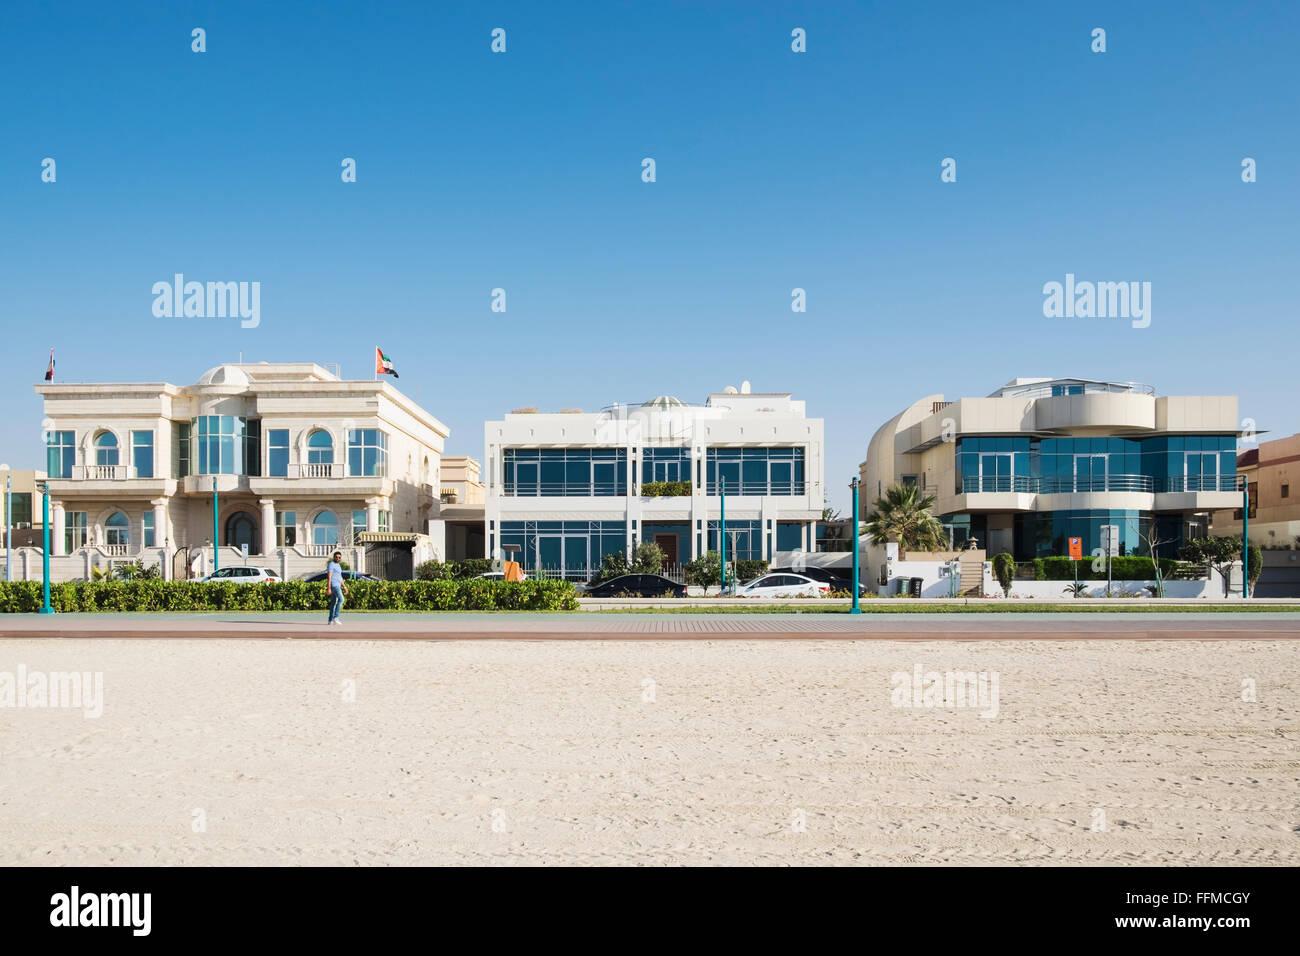 Luxus-Villen mit Blick auf den Strand in Dubai Vereinigte Arabische Emirate Stockbild